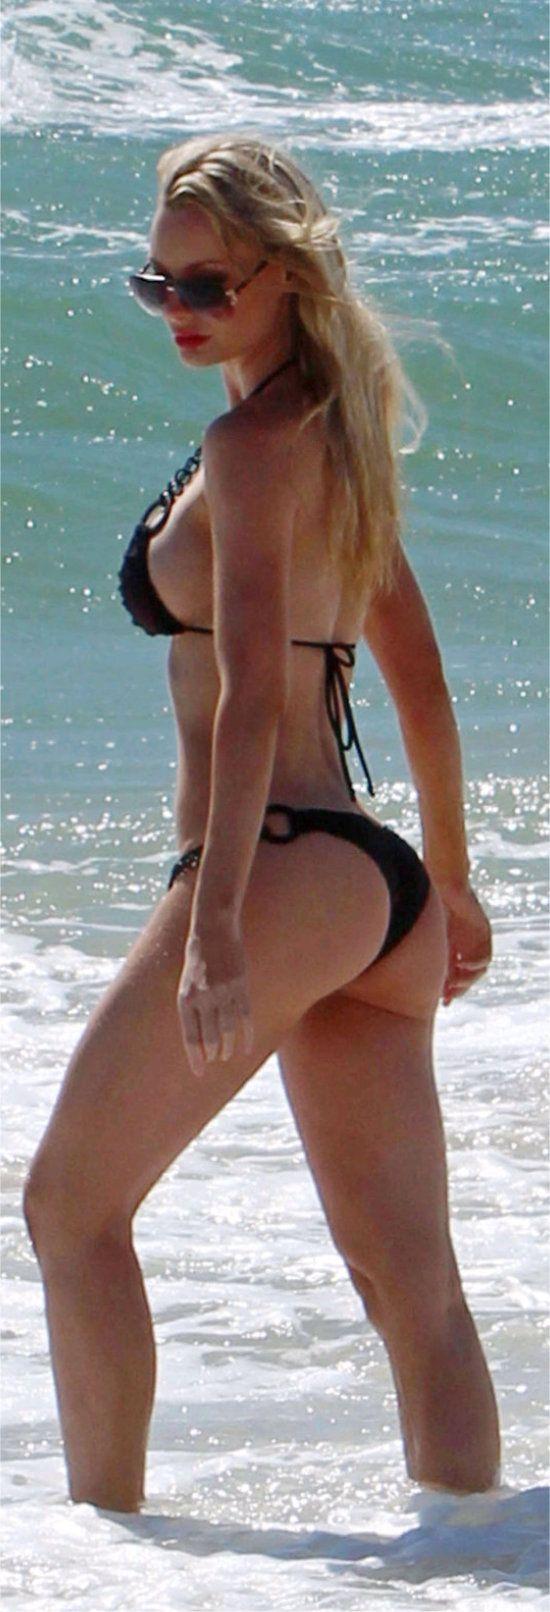 Sophie turner beach sansa